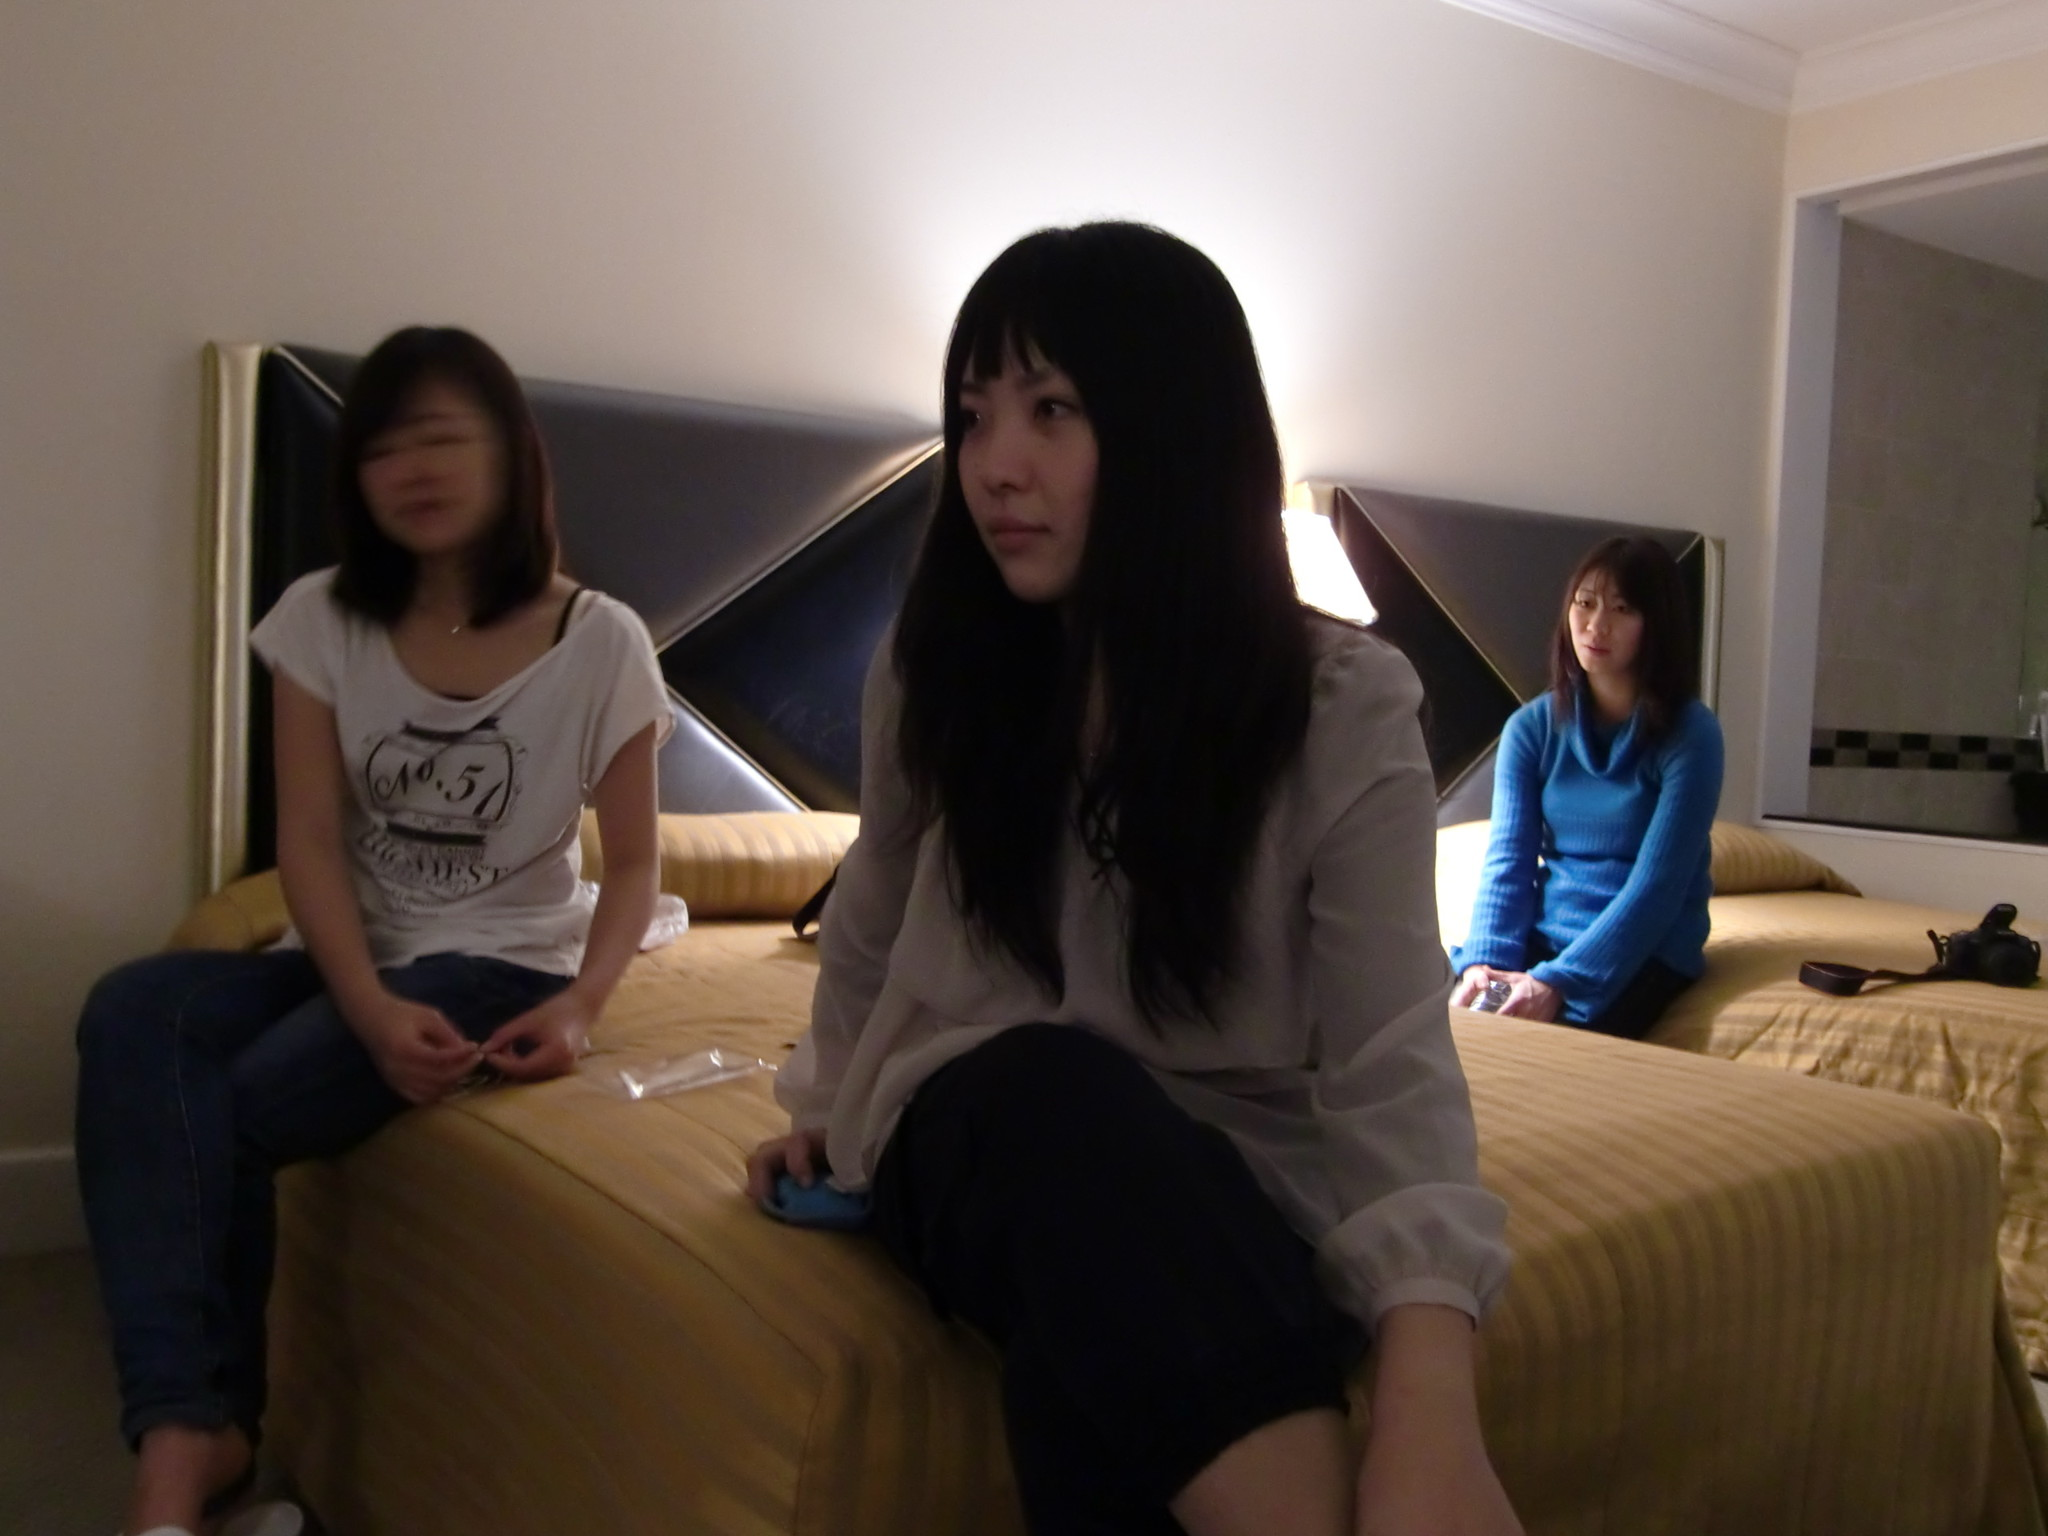 【若いカラダ】女子大生のことも異常に好きな奴 [無断転載禁止]©bbspink.comYouTube動画>9本 ->画像>748枚